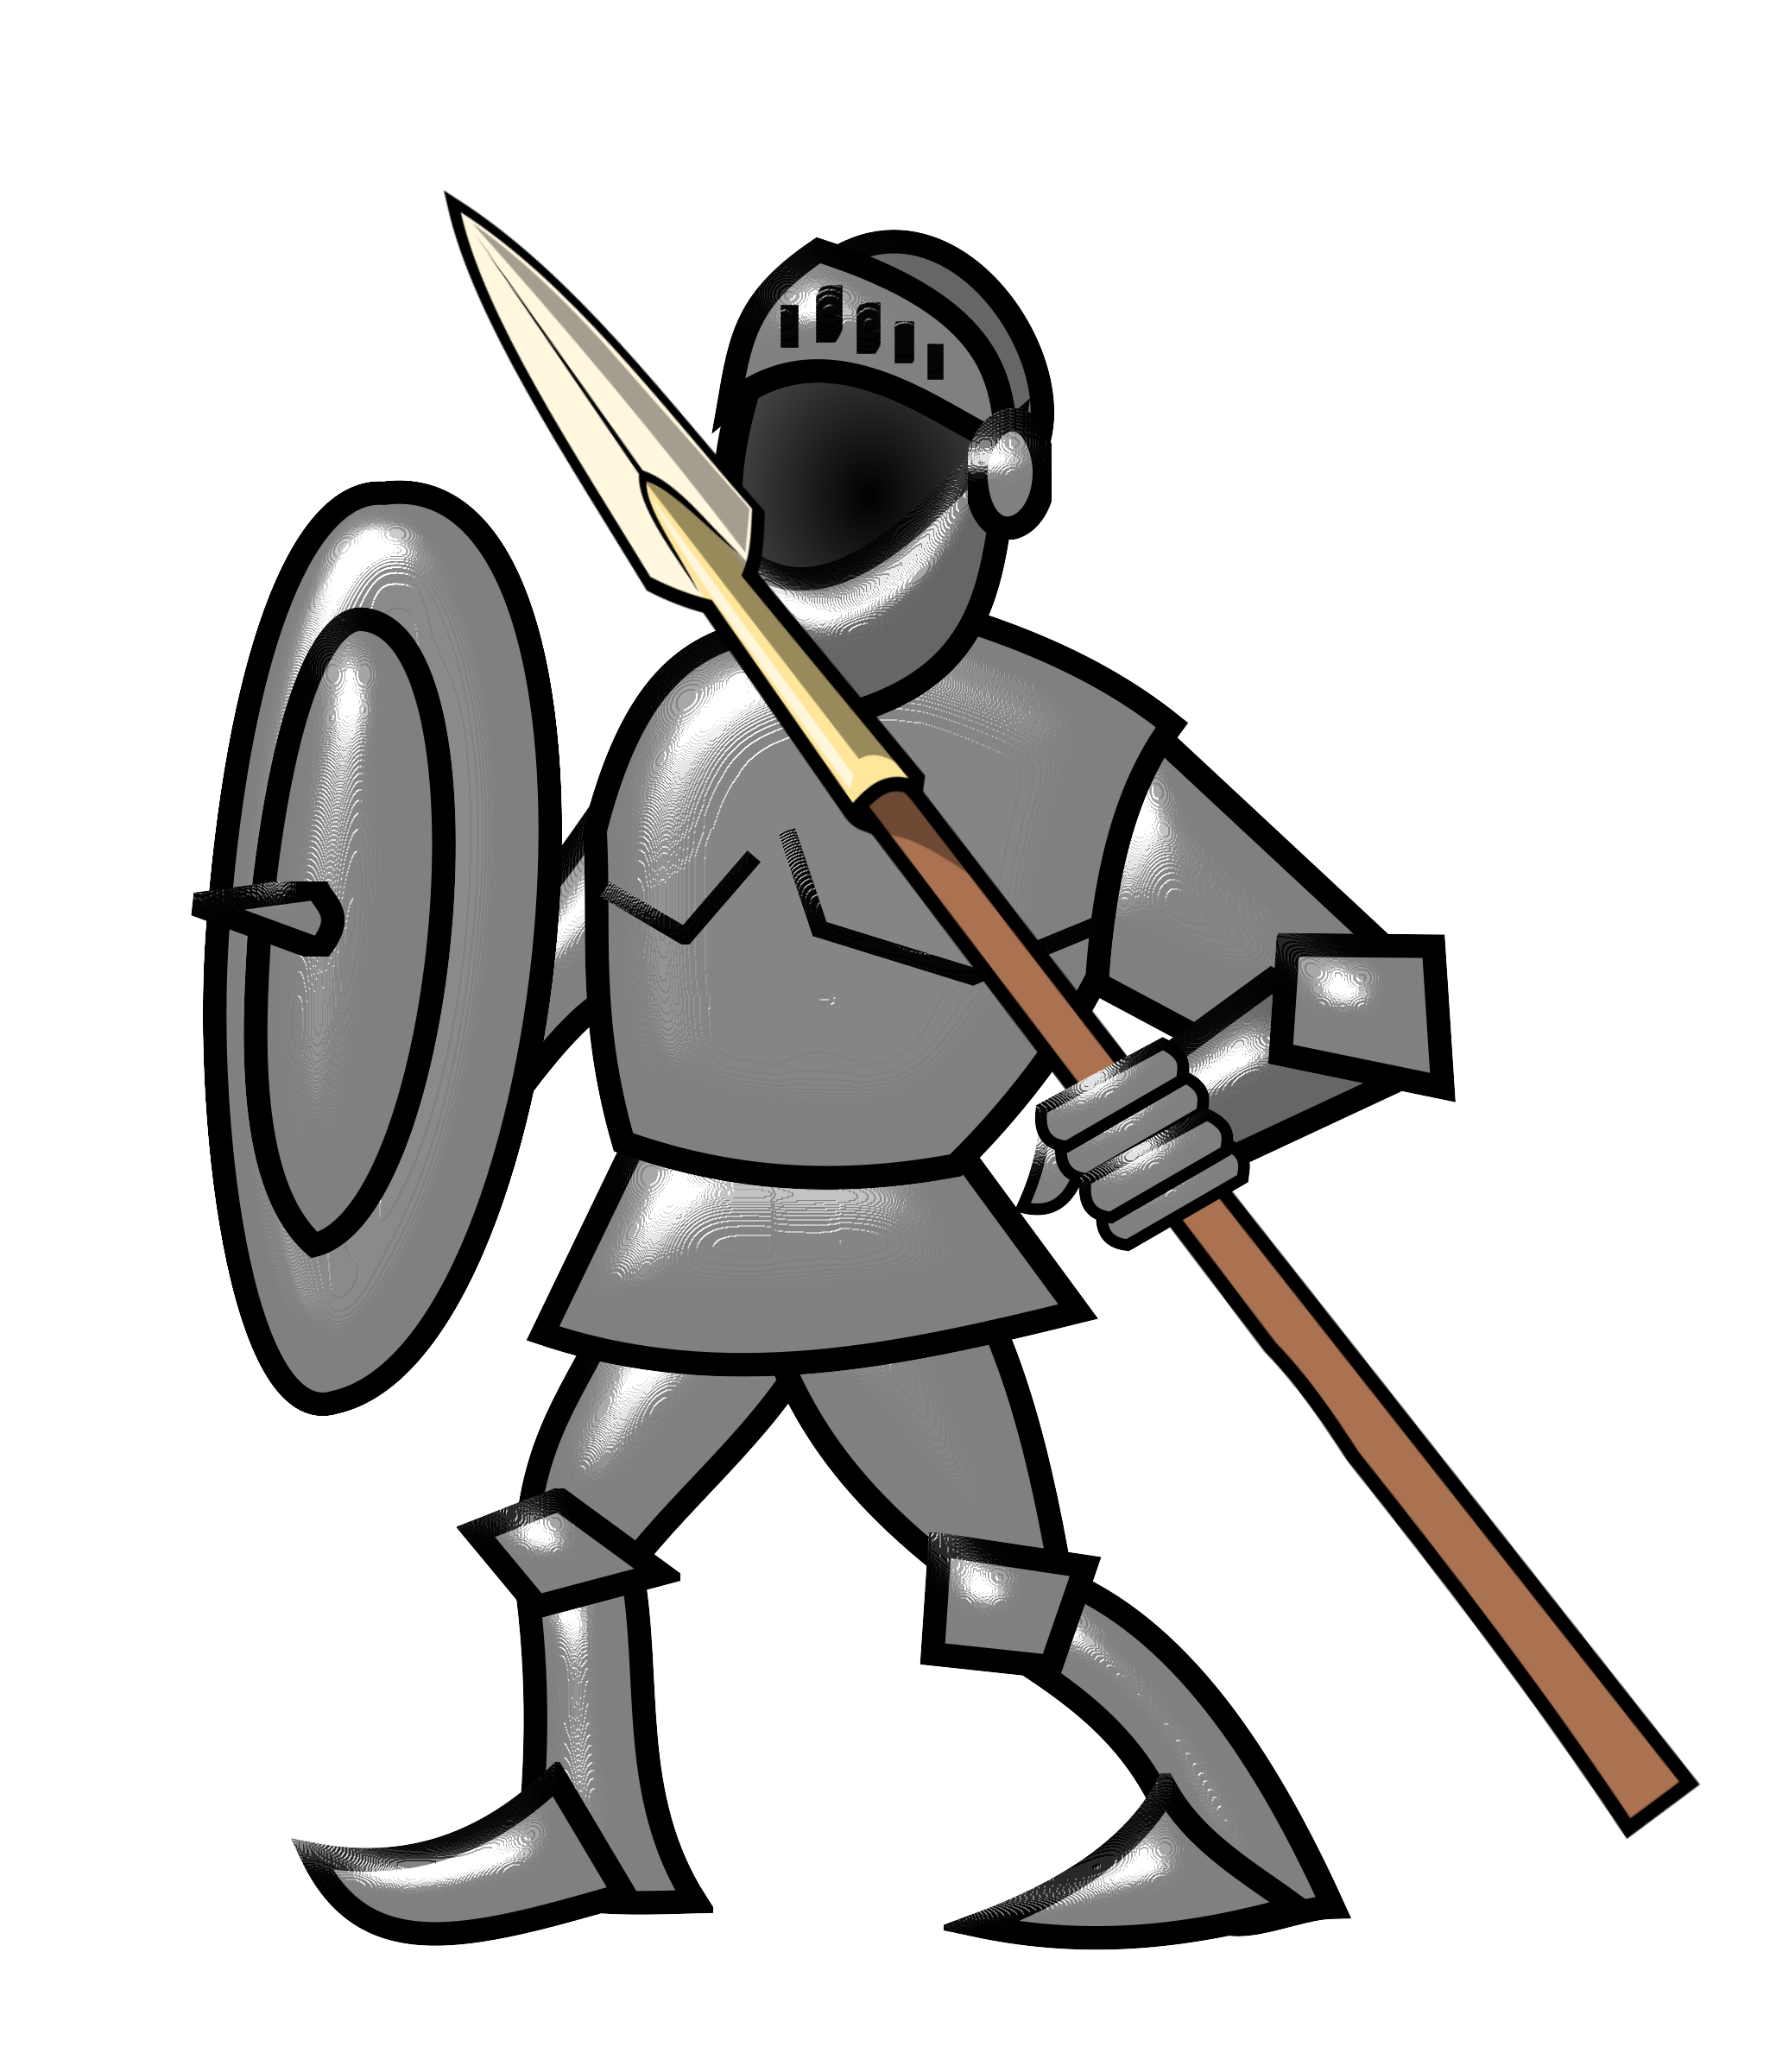 Armor clipart Armor Full armor Full plate